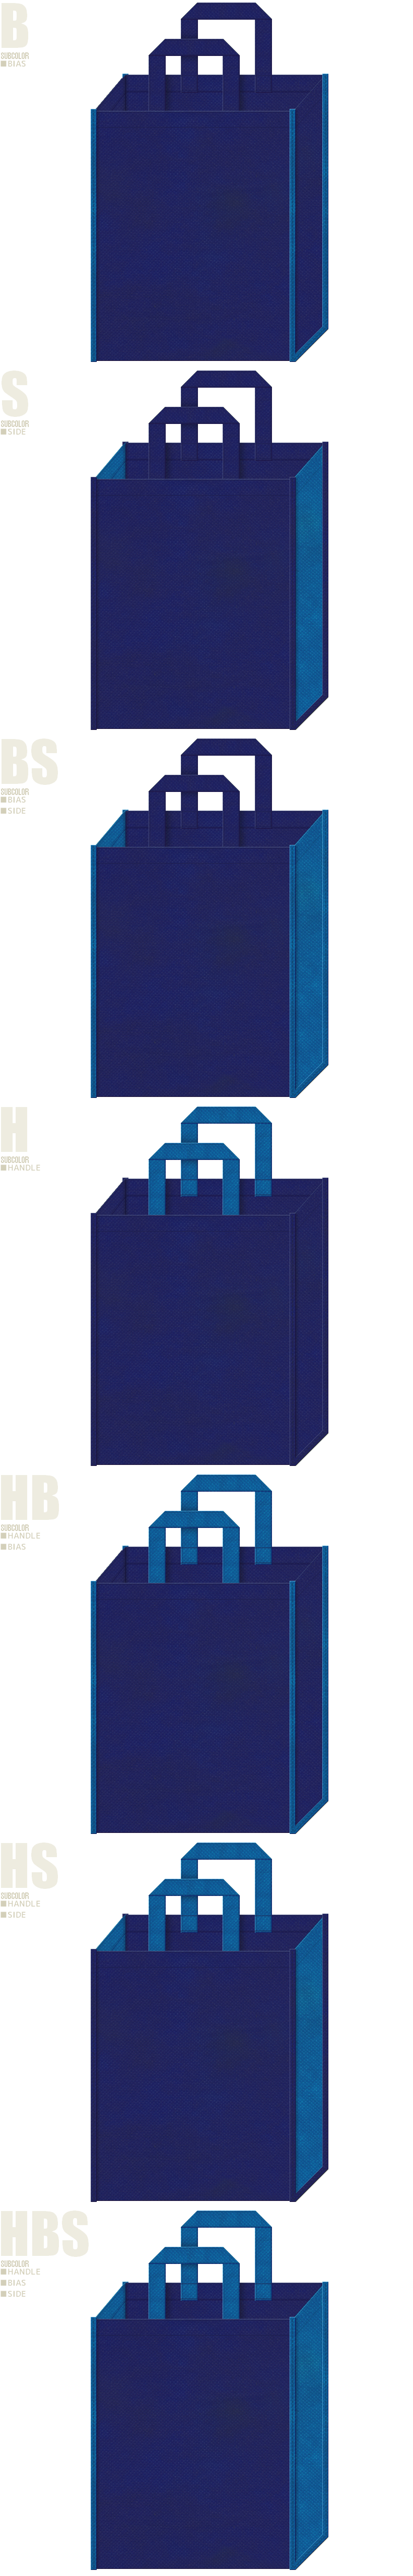 IT・AI・LED・IOT・電子部品・ドライブレコーダー・防犯カメラ・情報セキュリティ・システム管理・セキュリティの展示会用バッグにお奨めの不織布バッグデザイン:明るい紺色と青色の配色7パターン